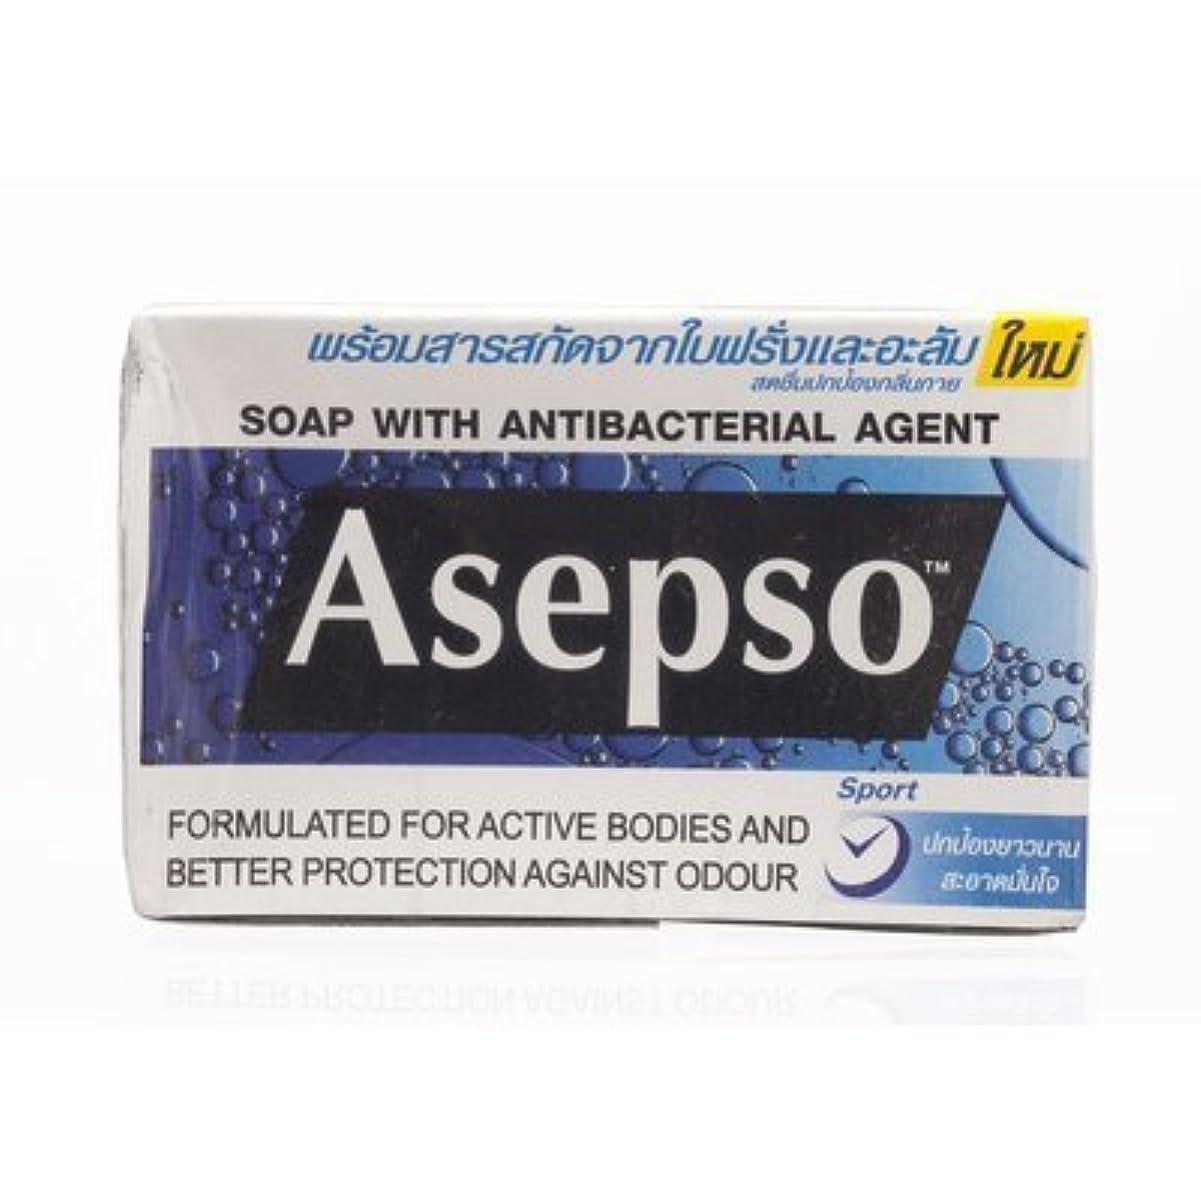 額タンカー誤解させるAsepso Bar Soap Sport 80g. (Pack of 6) by Asepso [並行輸入品]